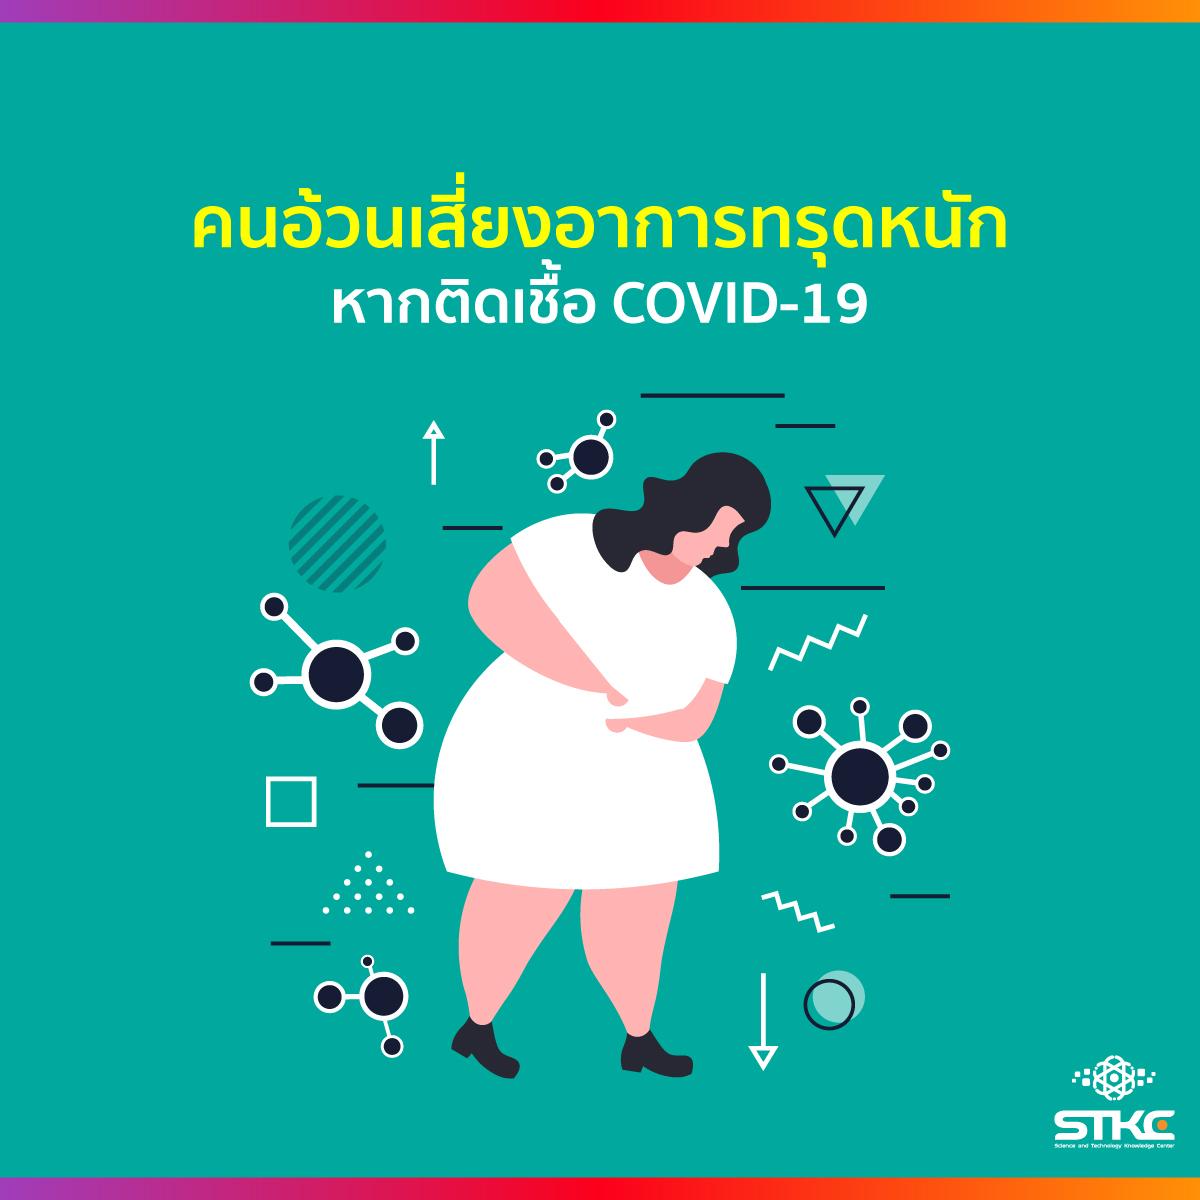 คนอ้วนเสี่ยงอาการทรุดหนัก หากติดเชื้อ COVID-19